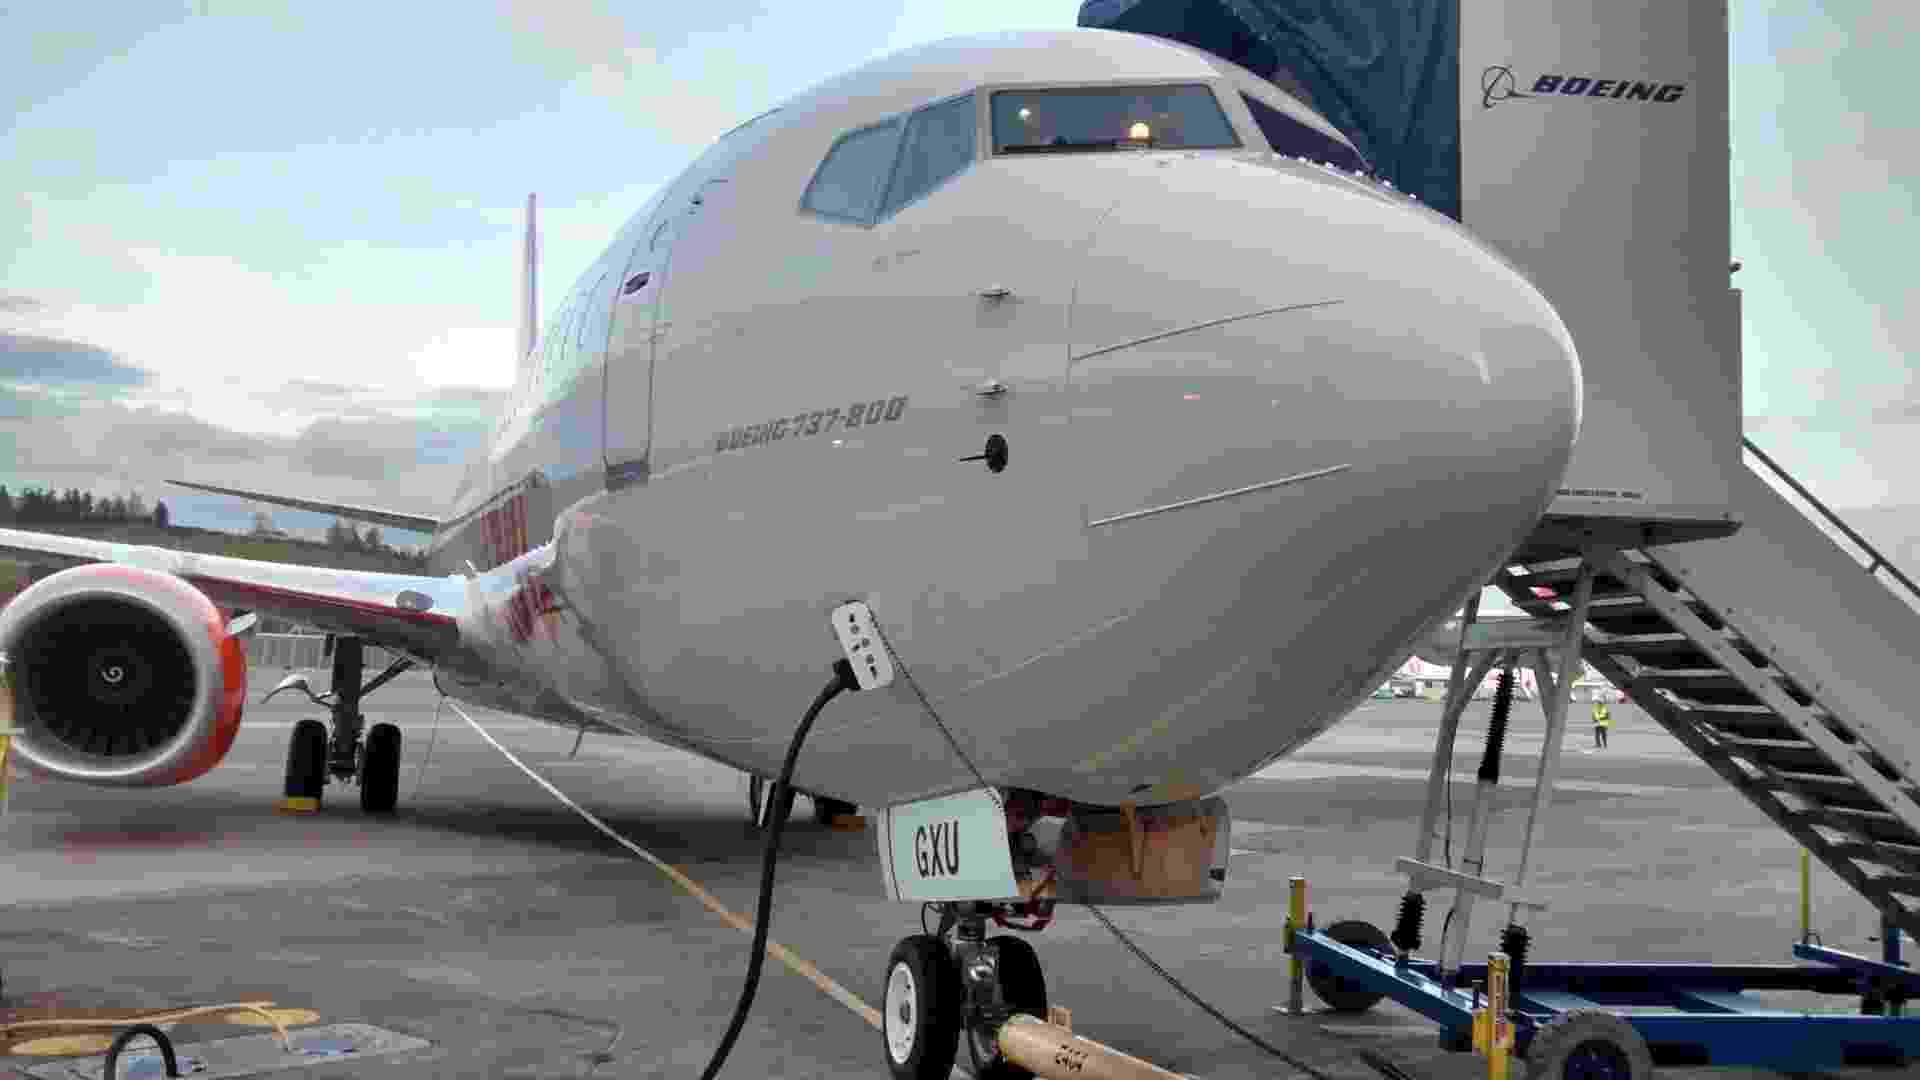 Fábrica da Boeing em Renton (região metropolitana de Seattle, EUA), onde são feitos os 737 da Gol - Armando Pereira Filho/UOL